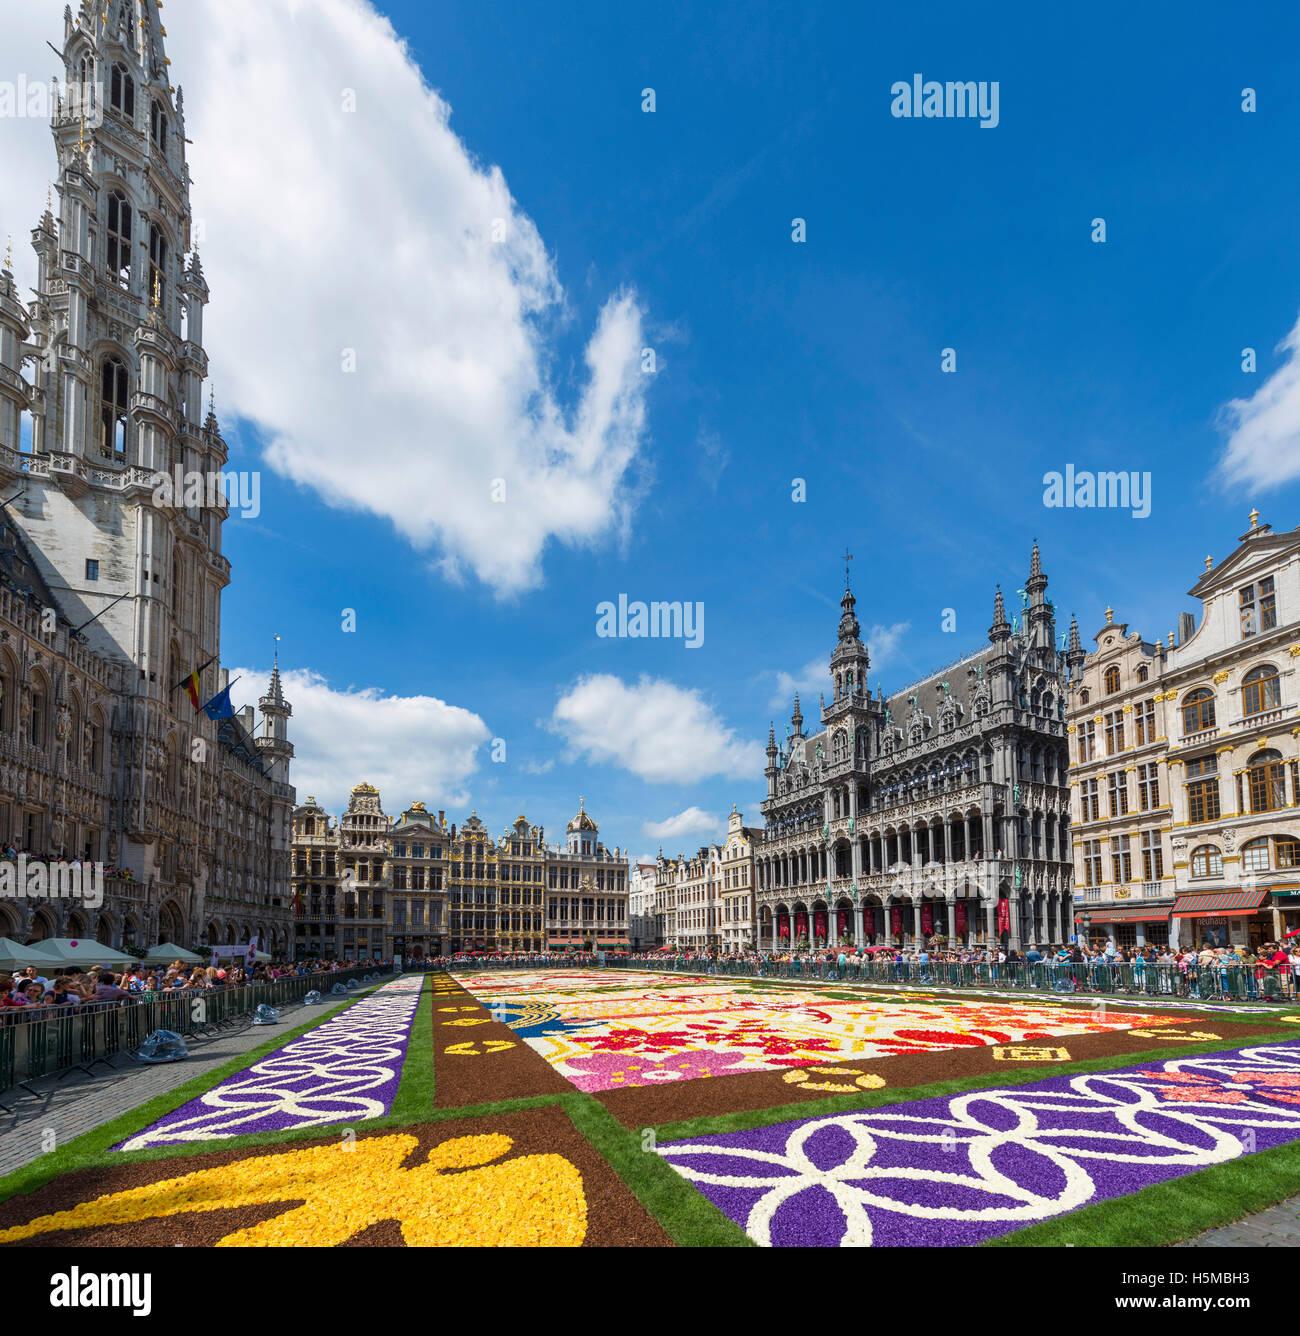 2016-Teppich von Blumen auf der Grand Place (Grote Markt) mit dem Rathaus auf der linken Seite, Brüssel, Belgien. Stockbild